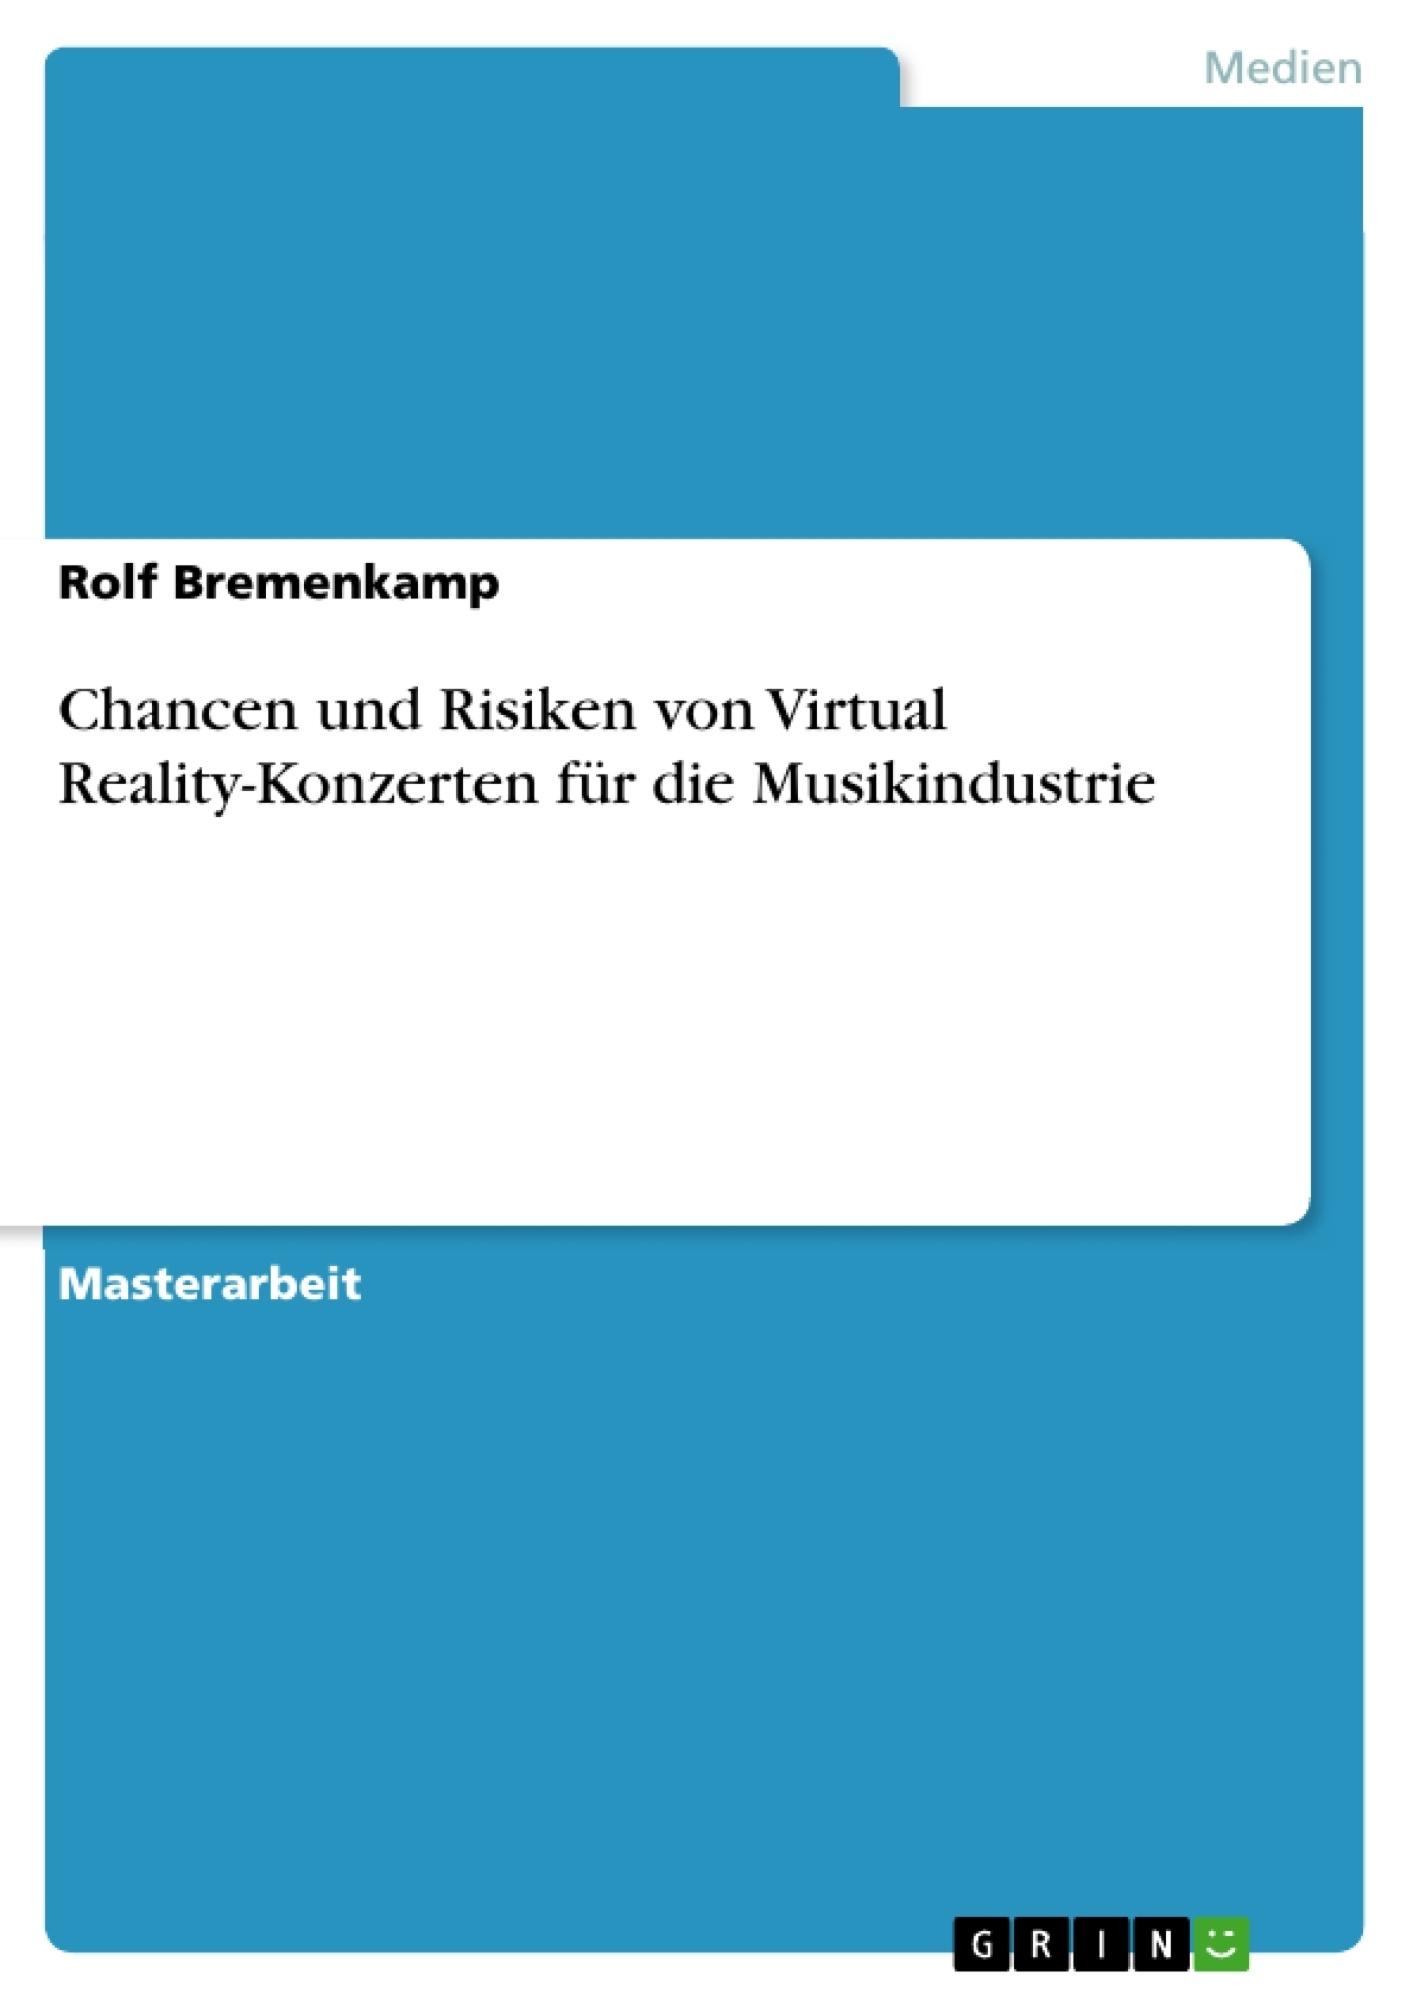 Titel: Chancen und Risiken von Virtual Reality-Konzerten für die Musikindustrie